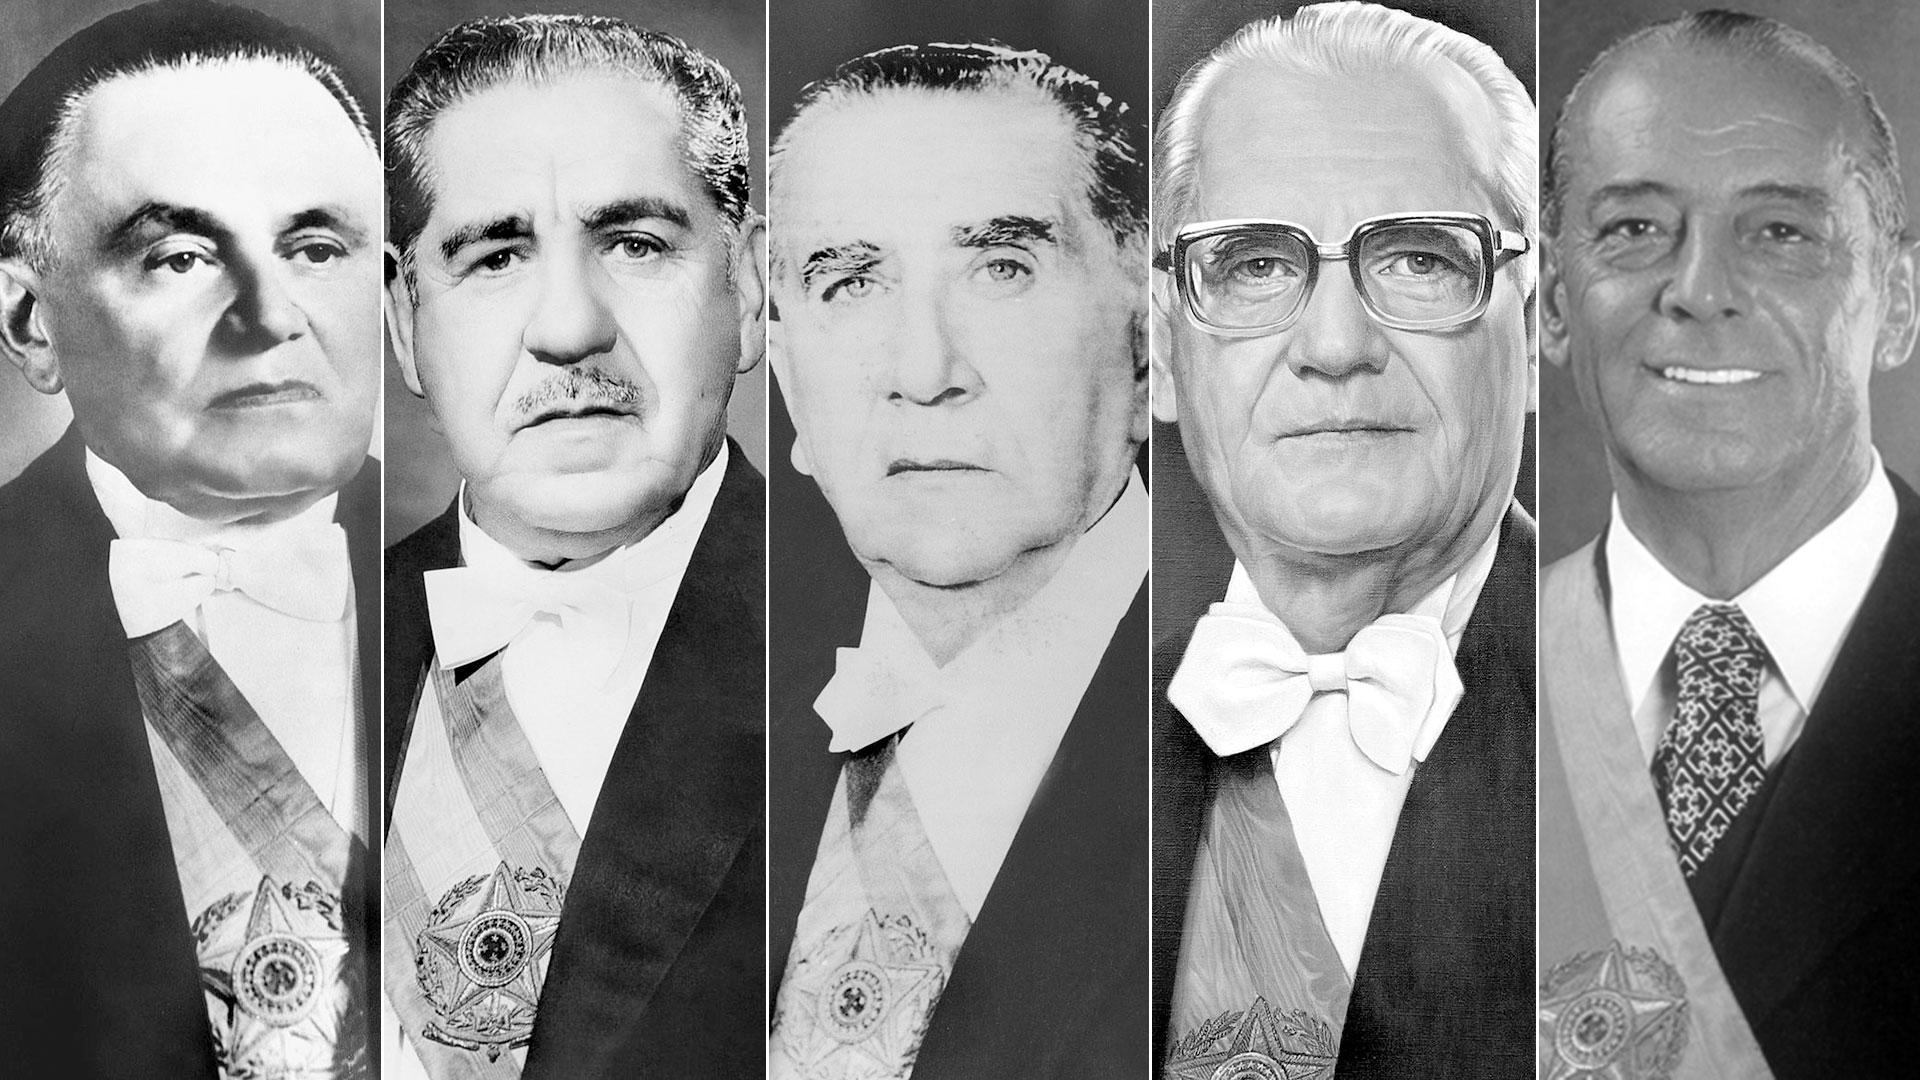 Los dictadores brasileños Humberto de Alencar Branco, Arthur Da Costa e Silva, Emilio Garrastazu Medici, Ernesto Geisel y Joao Figueiredo